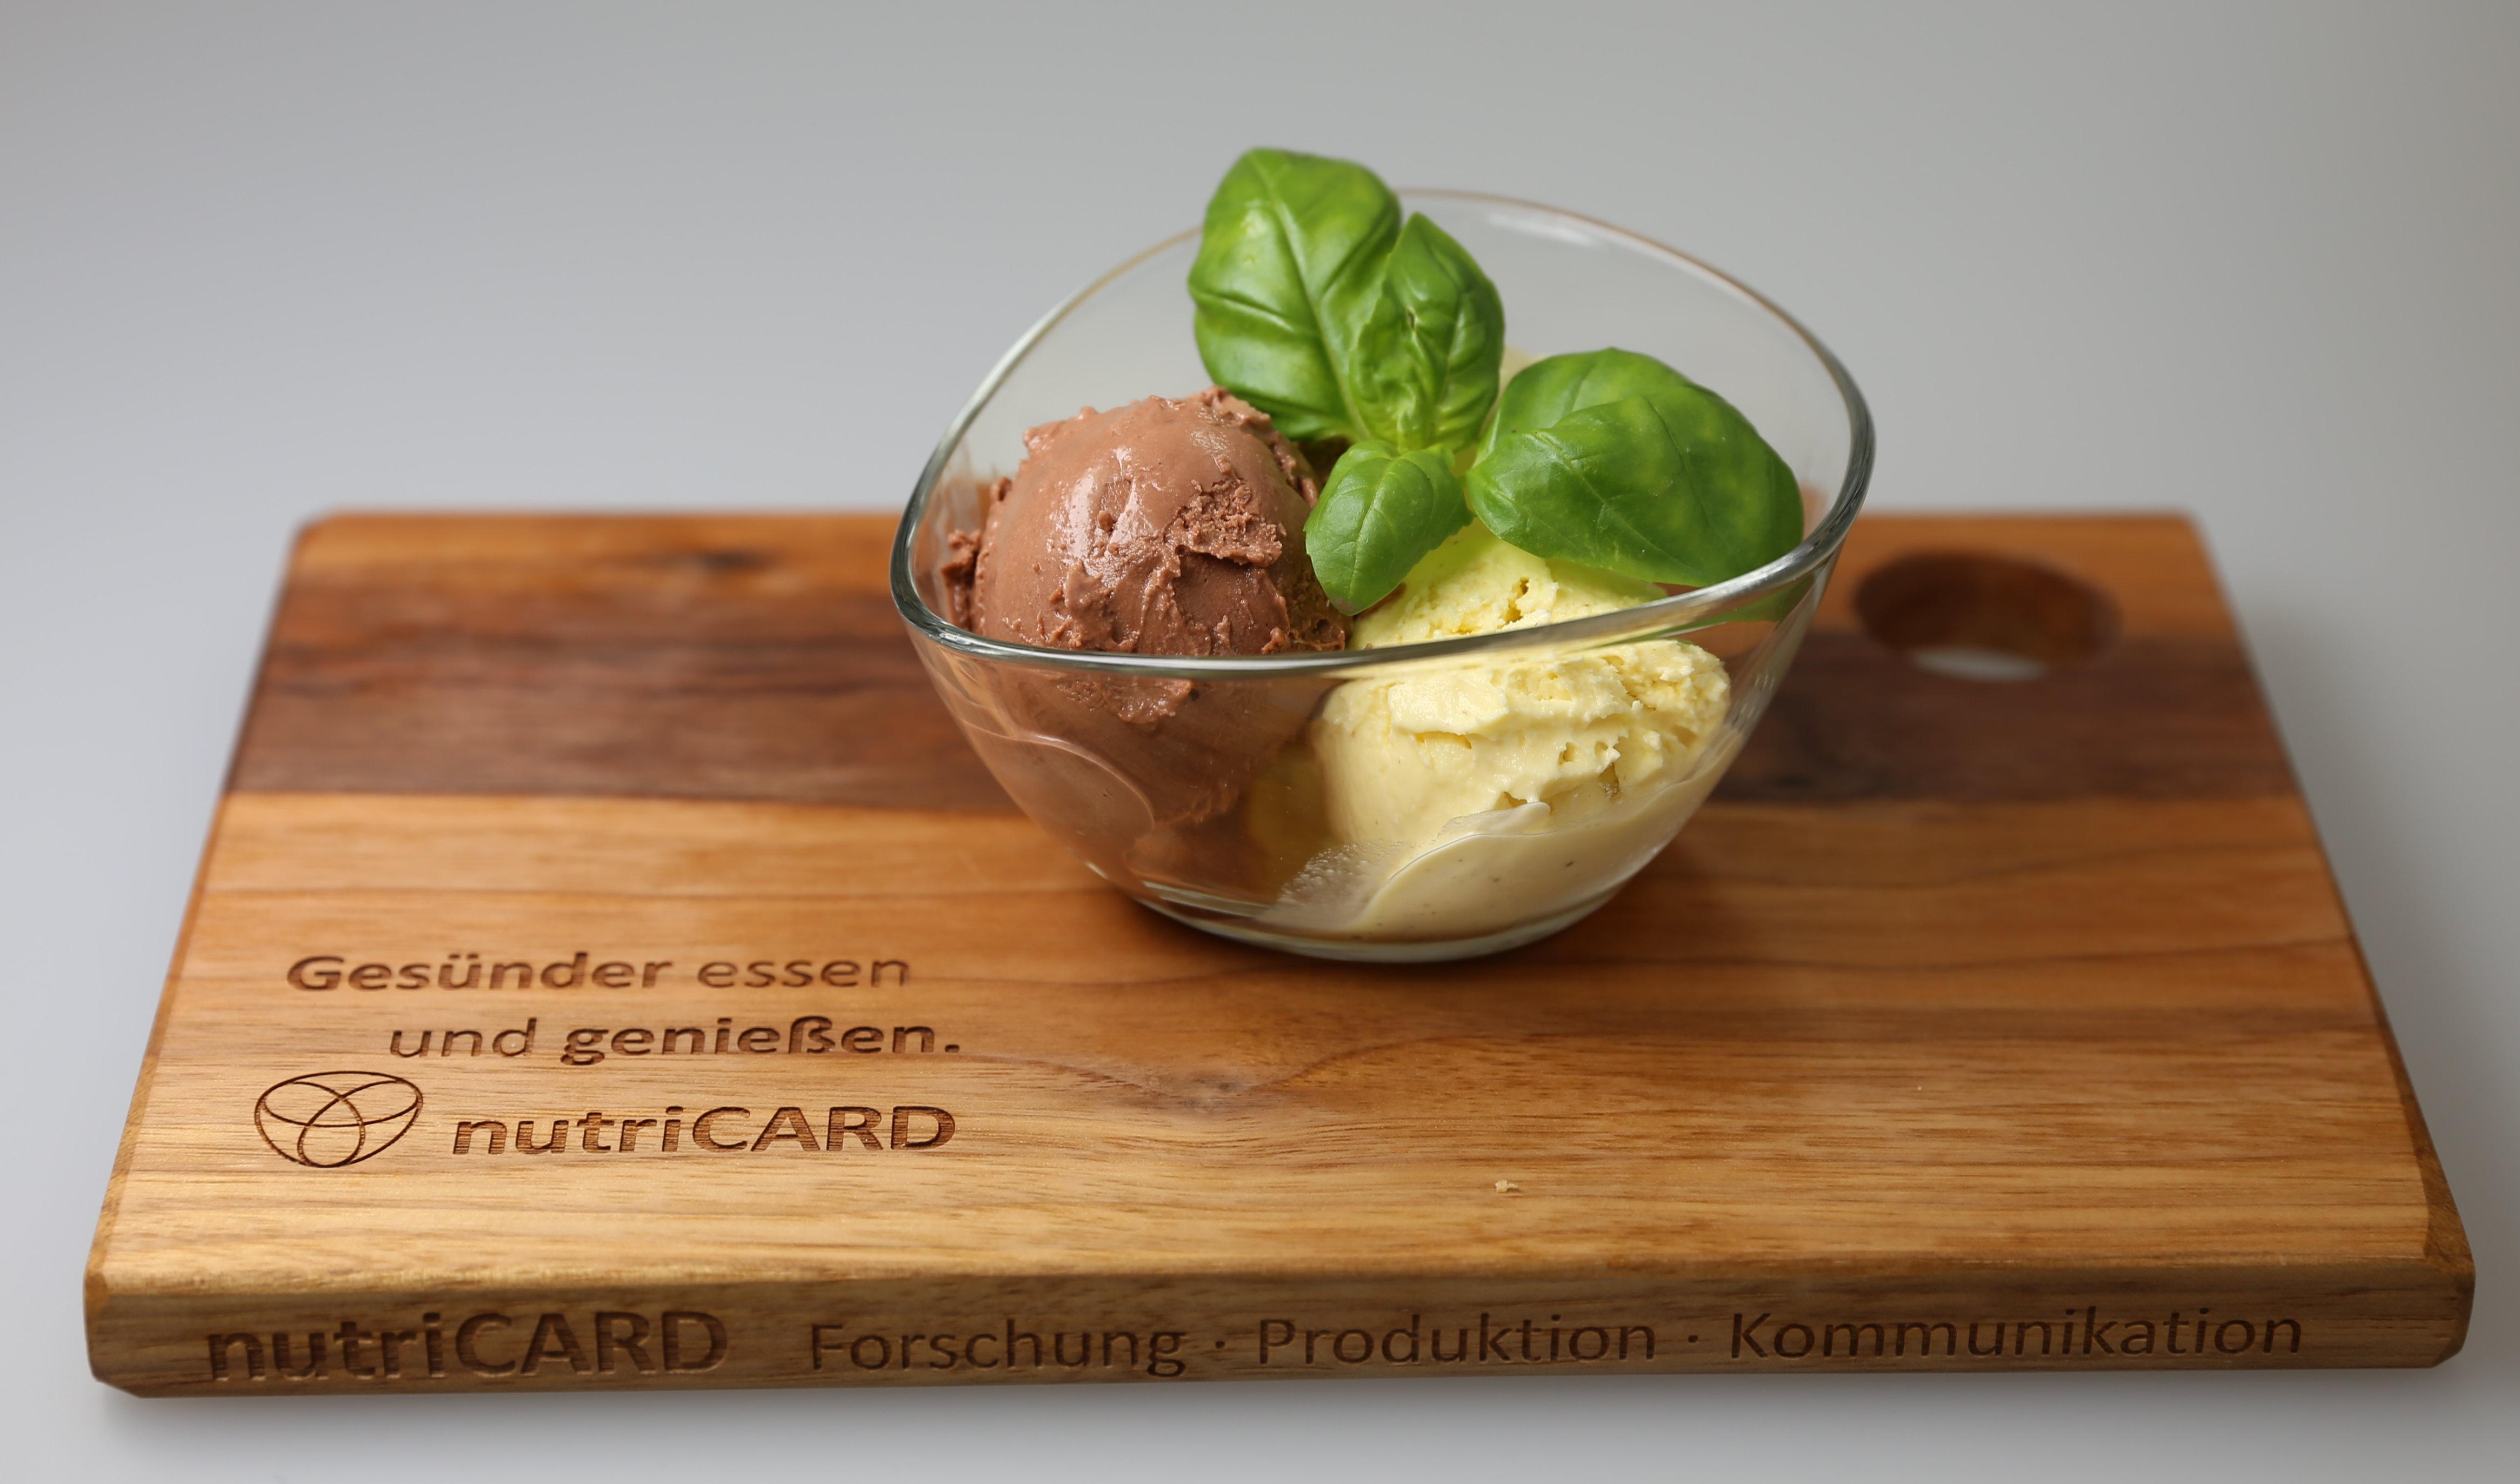 In nutriCARD entwickelte Eissorten in den Geschmacksrichtungen Schokolade und Vanille mit mindestens 30 Prozent weniger Zucker, aber trotzdem cremig und vollmundig im Geschmack.